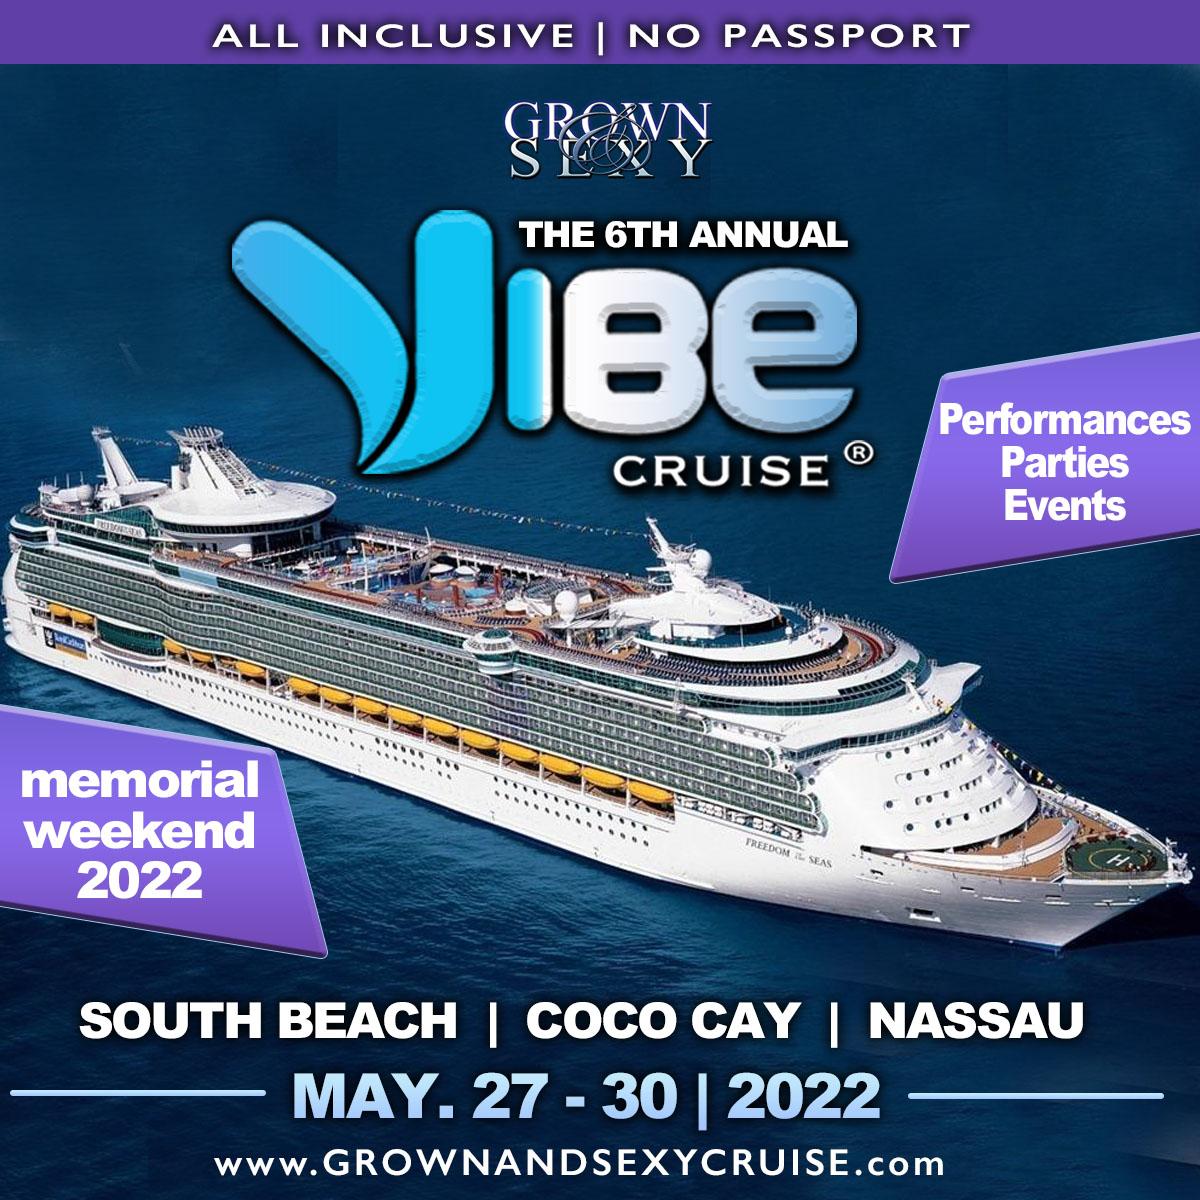 Vibe Cruise